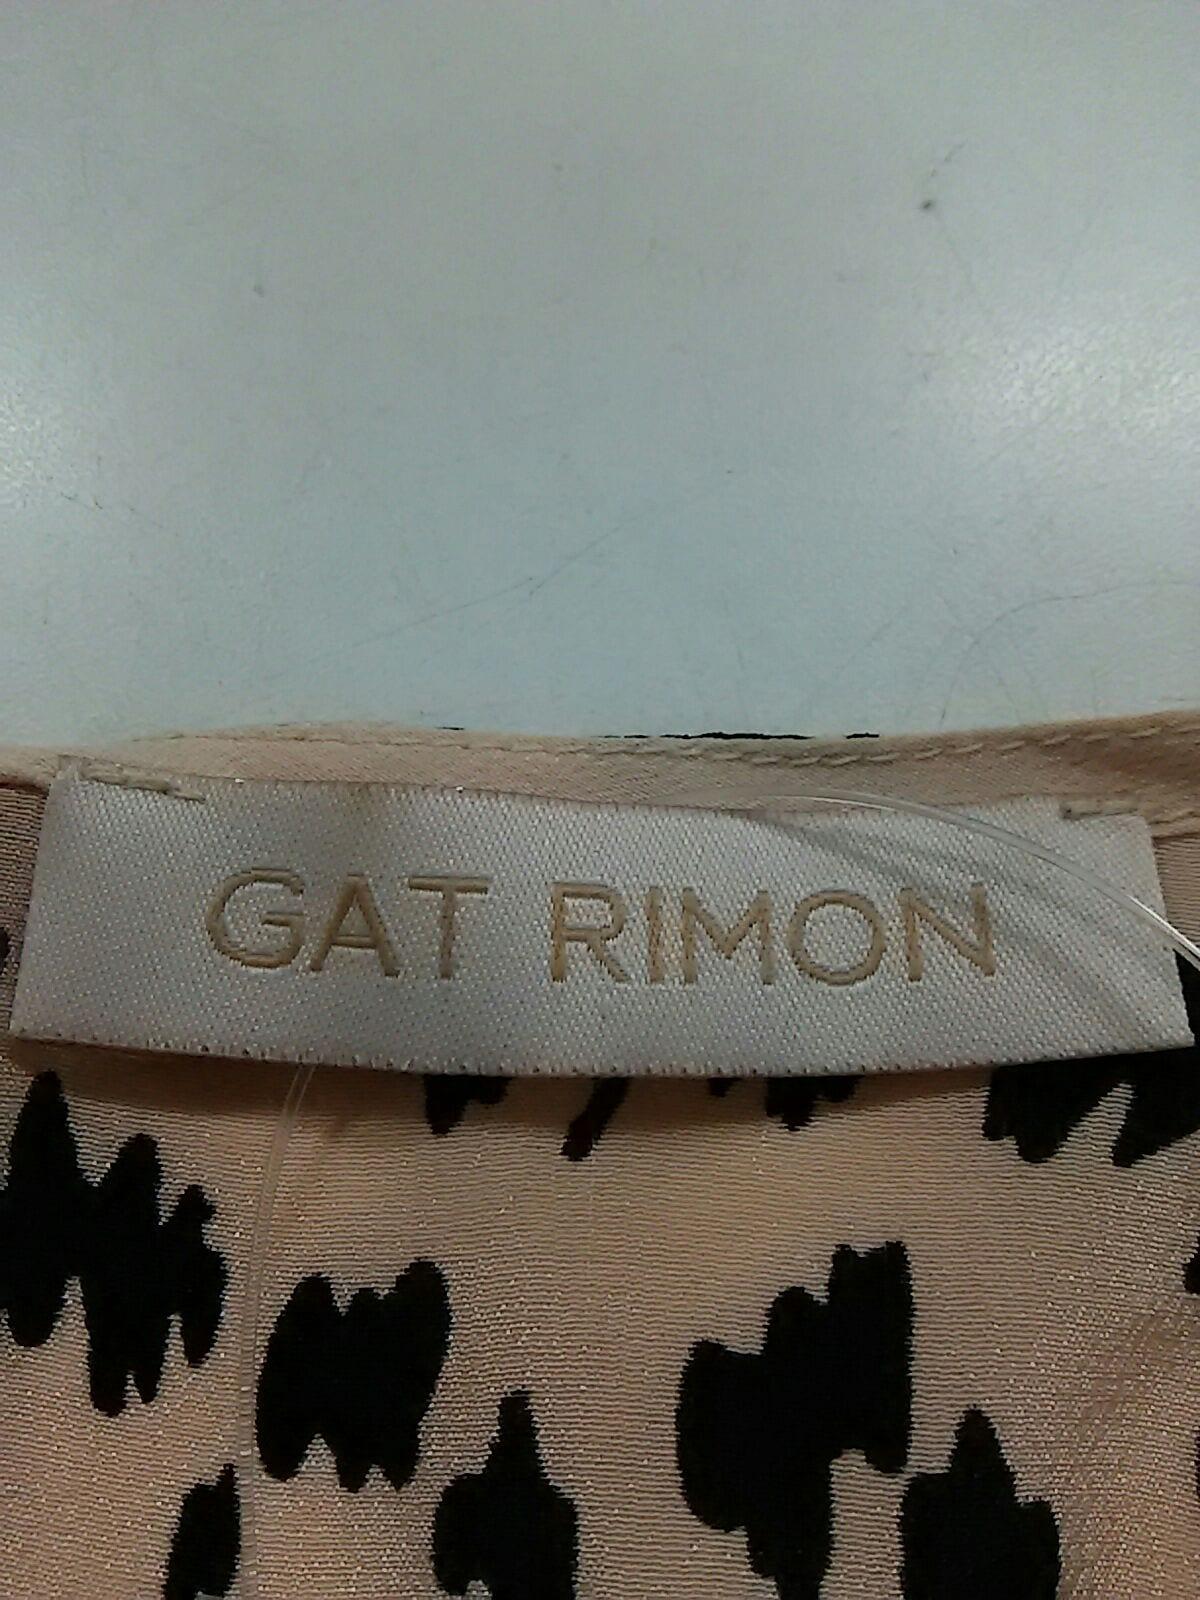 GAT RIMON(ガットリモン)のカットソー